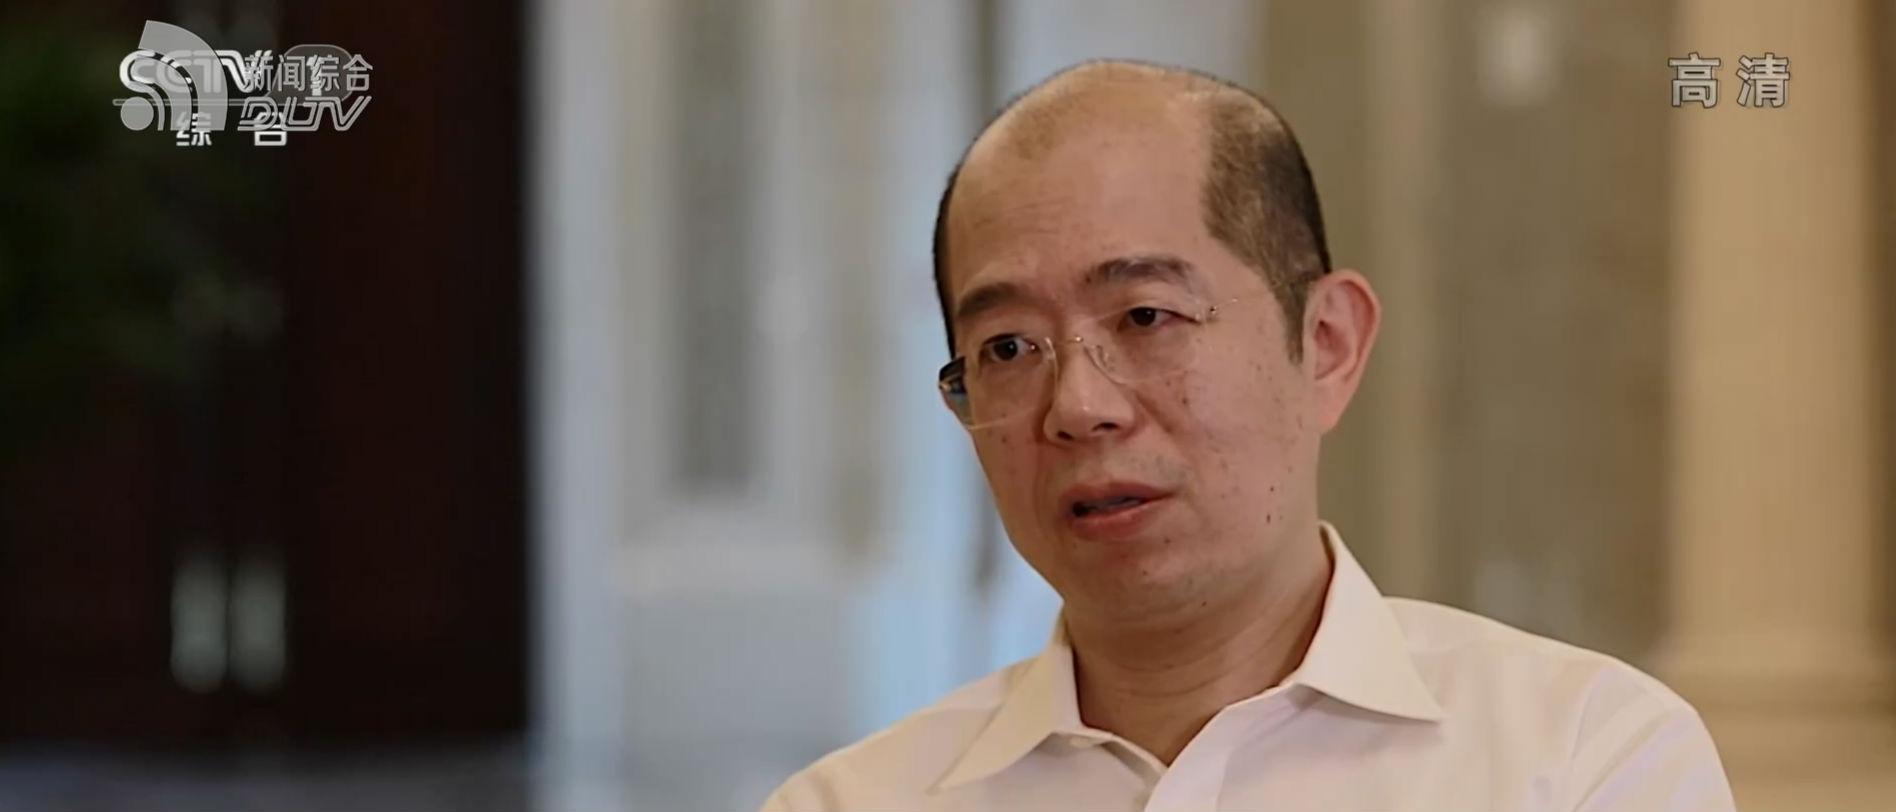 《新聞聯播 權威訪談》專訪省委常委、市委書記譚作鈞